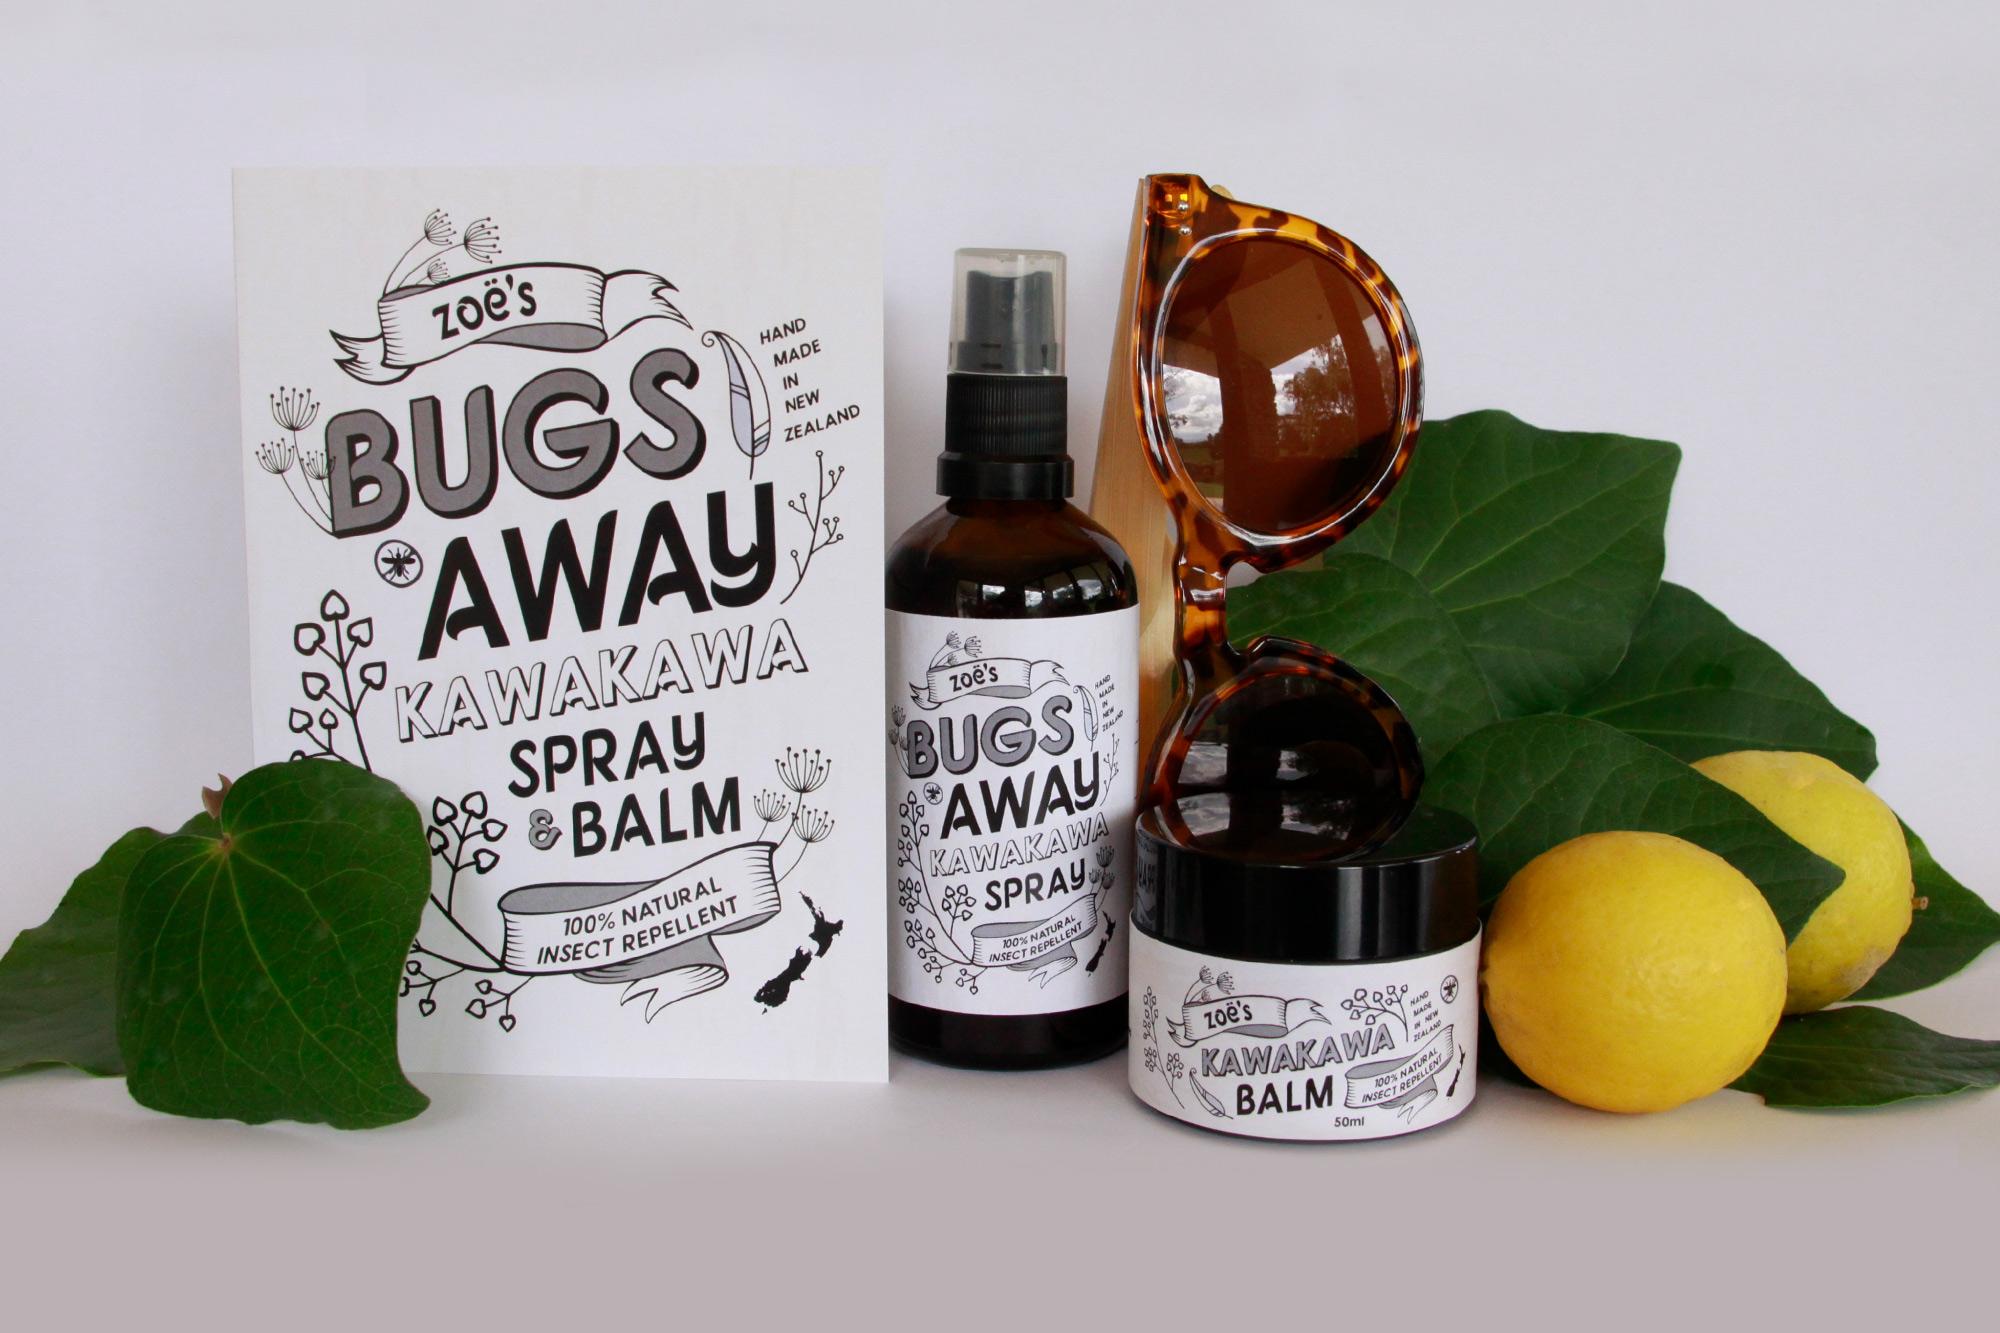 zoes_Kawakawa_balm_spray_lemon_eucalyptus2.jpg